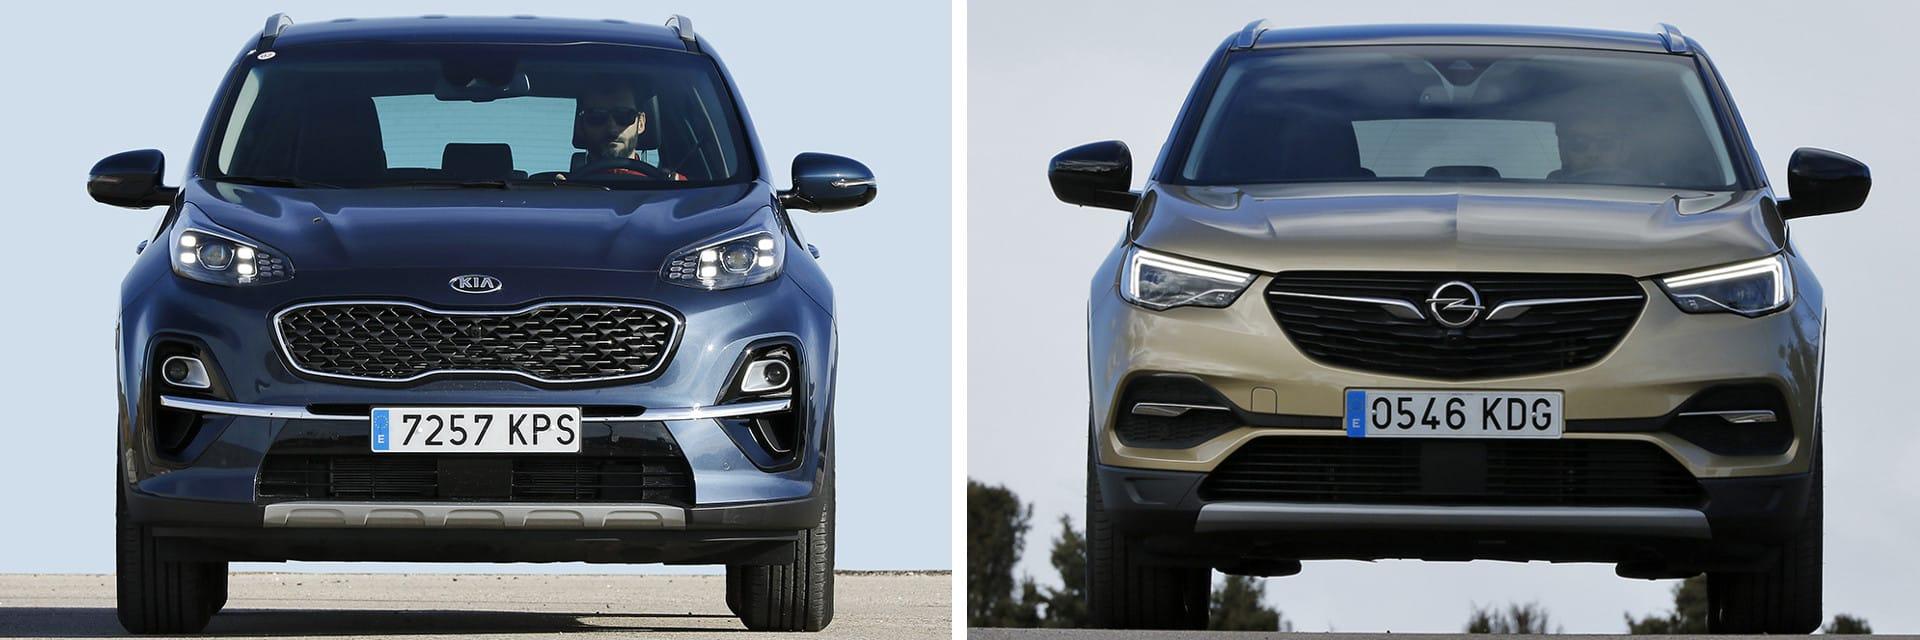 La gama del KIA Sportage (izq.) cuenta con variantes de tracción 4x4, mientras que el Opel Grandland X (dcha.) no.